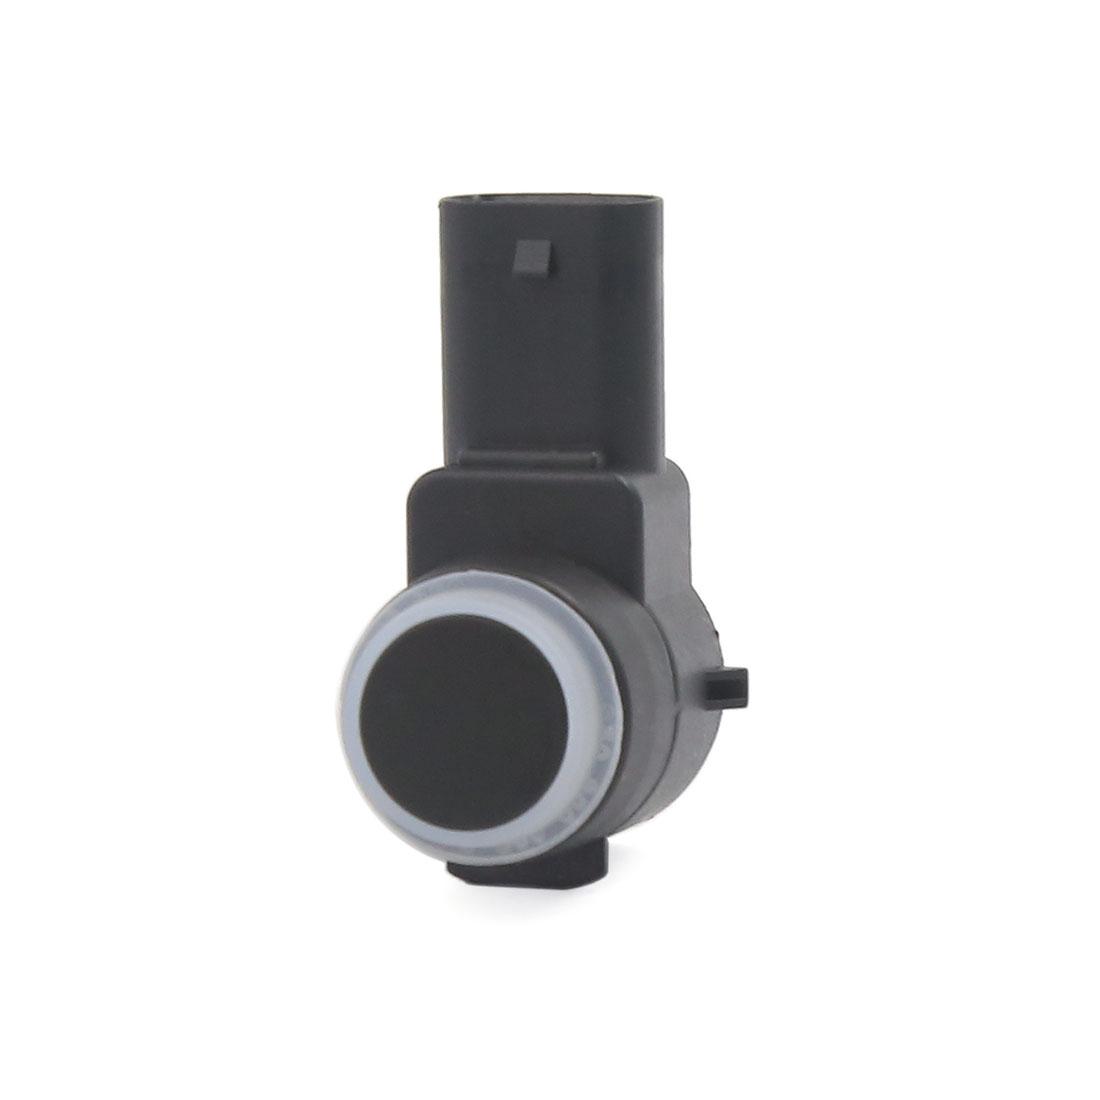 PDC Parking Aid Sensor 2215420417 for Mercedes Benz W211 W219 W203 W204 W221 W164